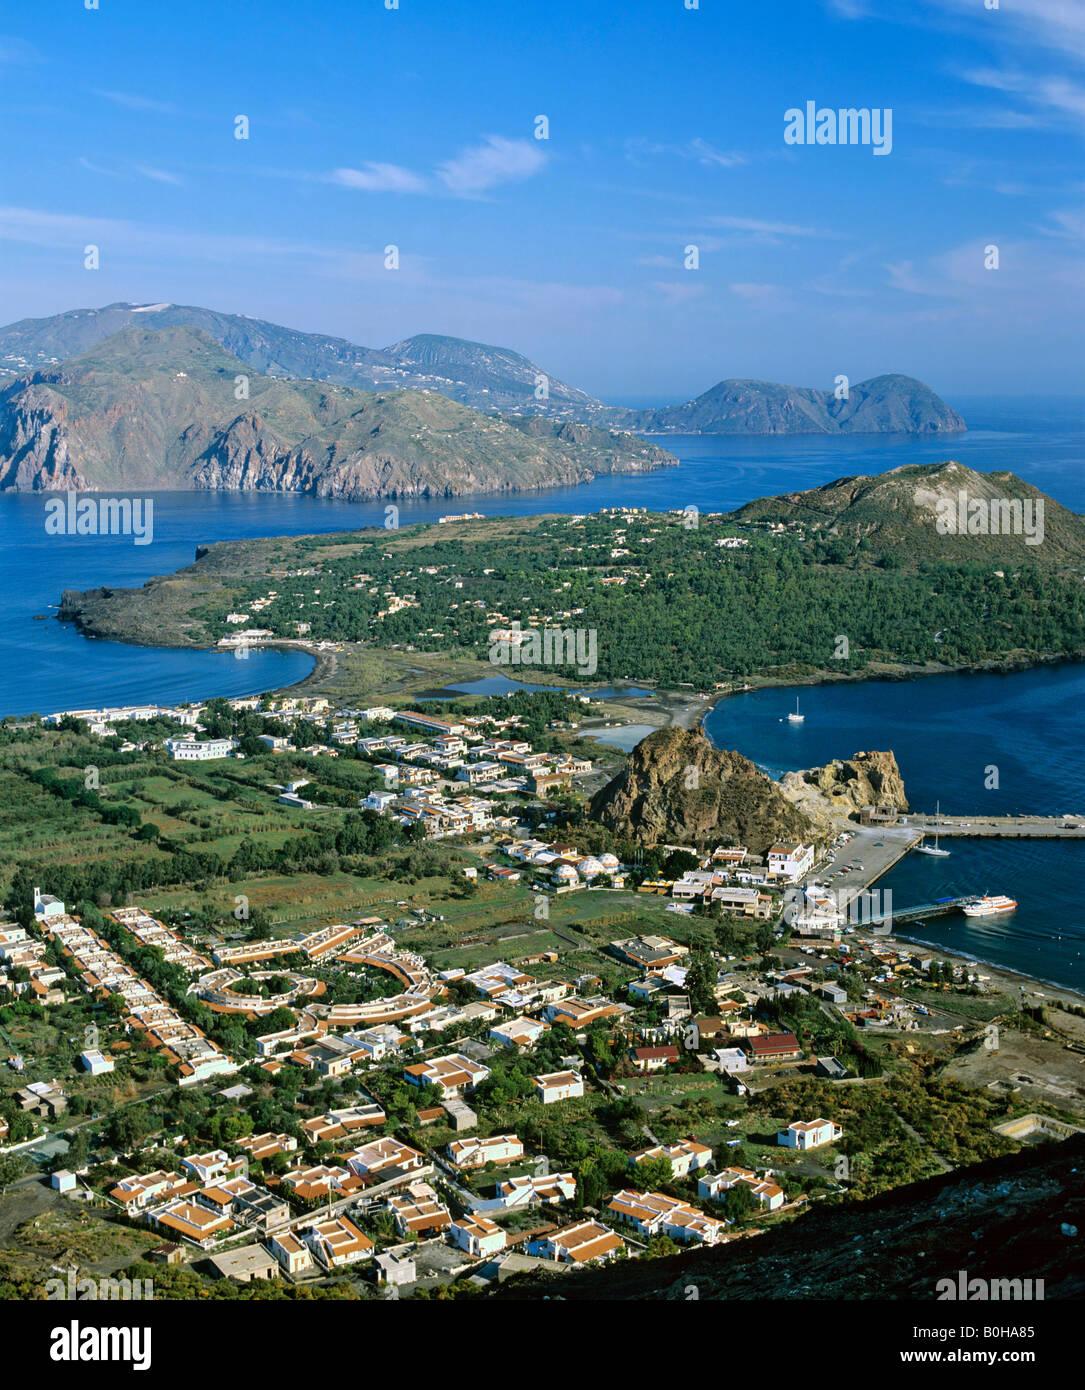 Vulcano, Porto di Levante, view of Vulcanello, aerial view, Lipari Island at back, Aeolian Islands, Sicily, Italy Stock Photo